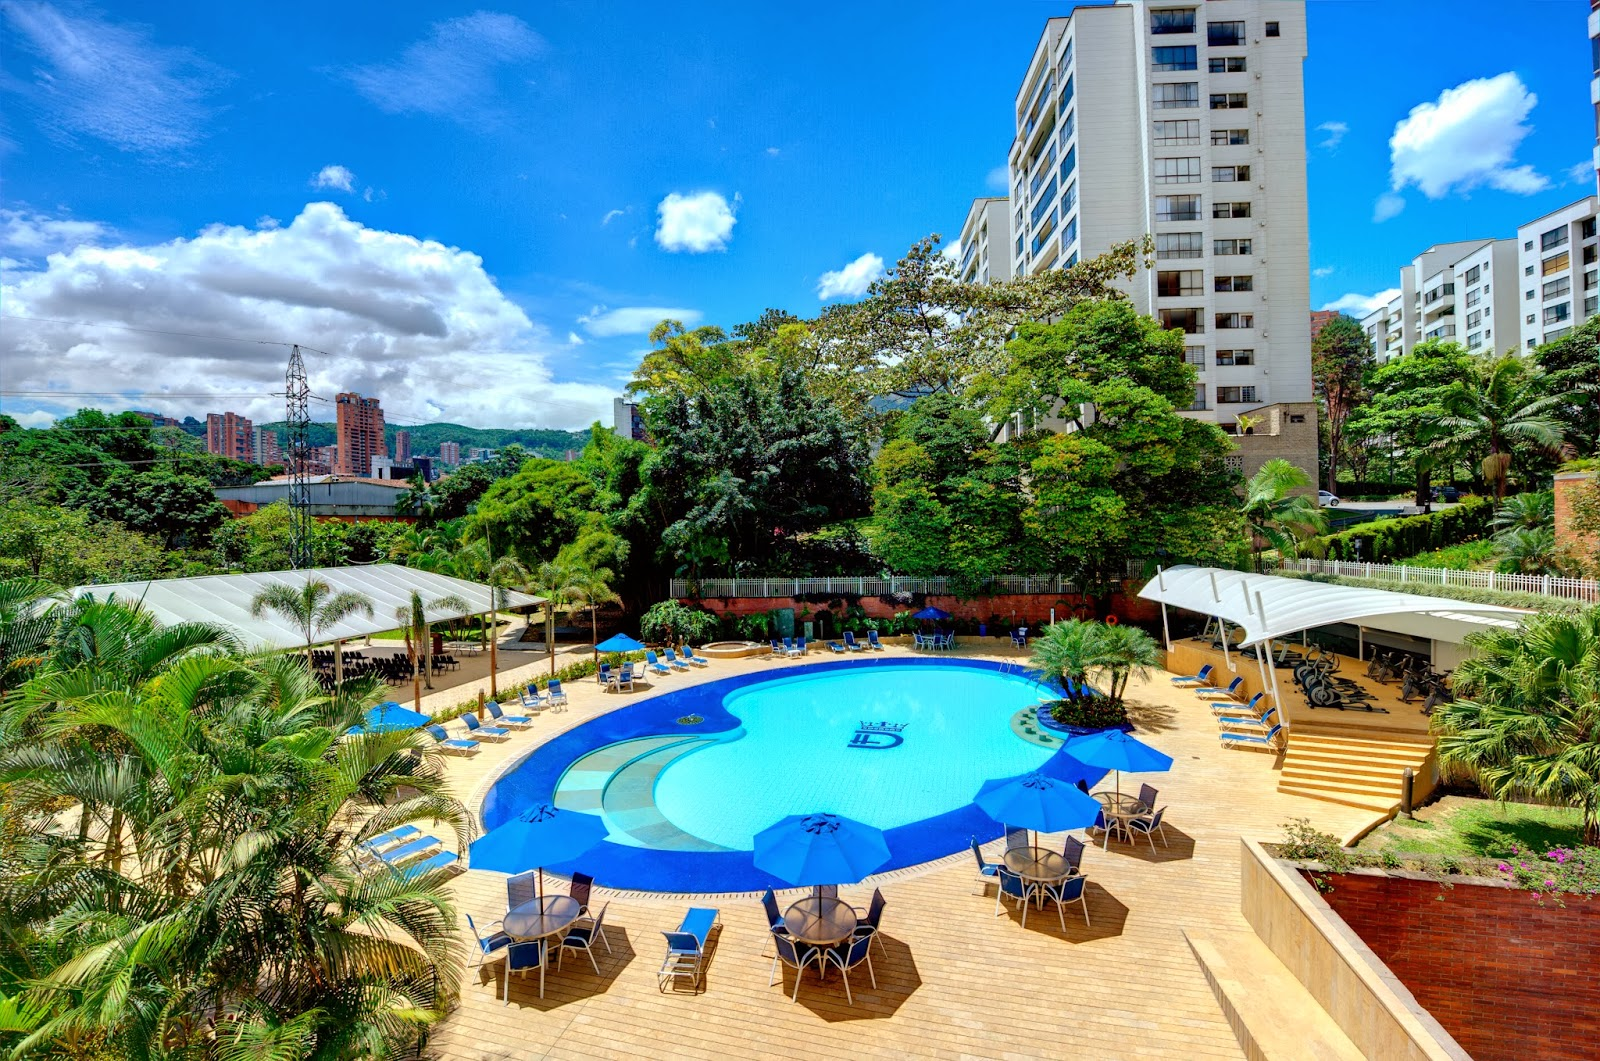 Hotel dann carlton medellin picsina for Hoteles con piscina